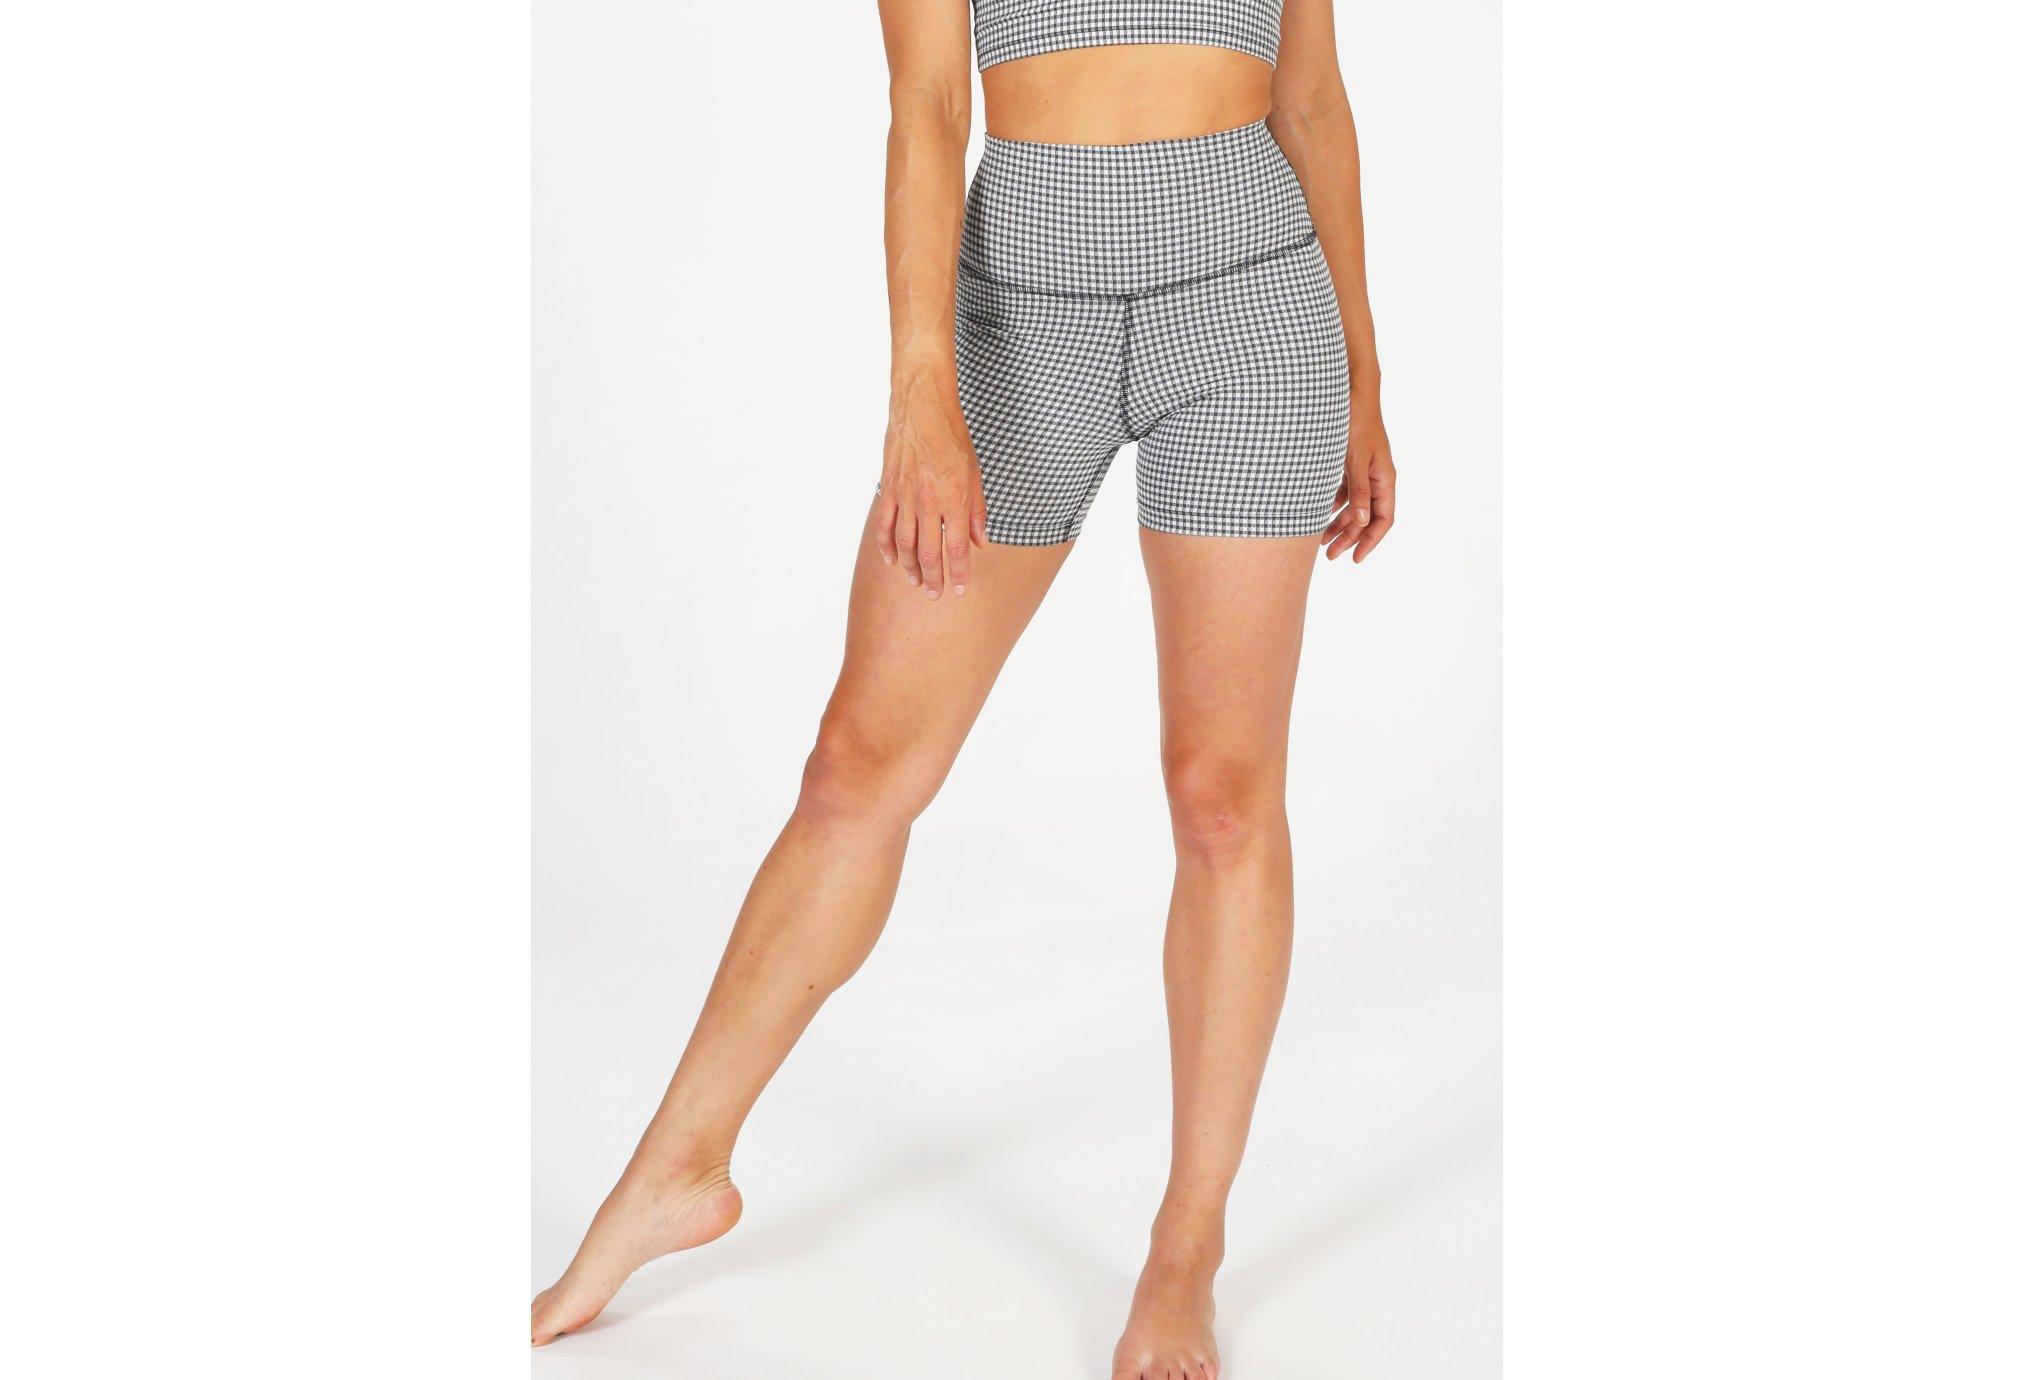 Nike Yoga Gingham W vêtement running femme